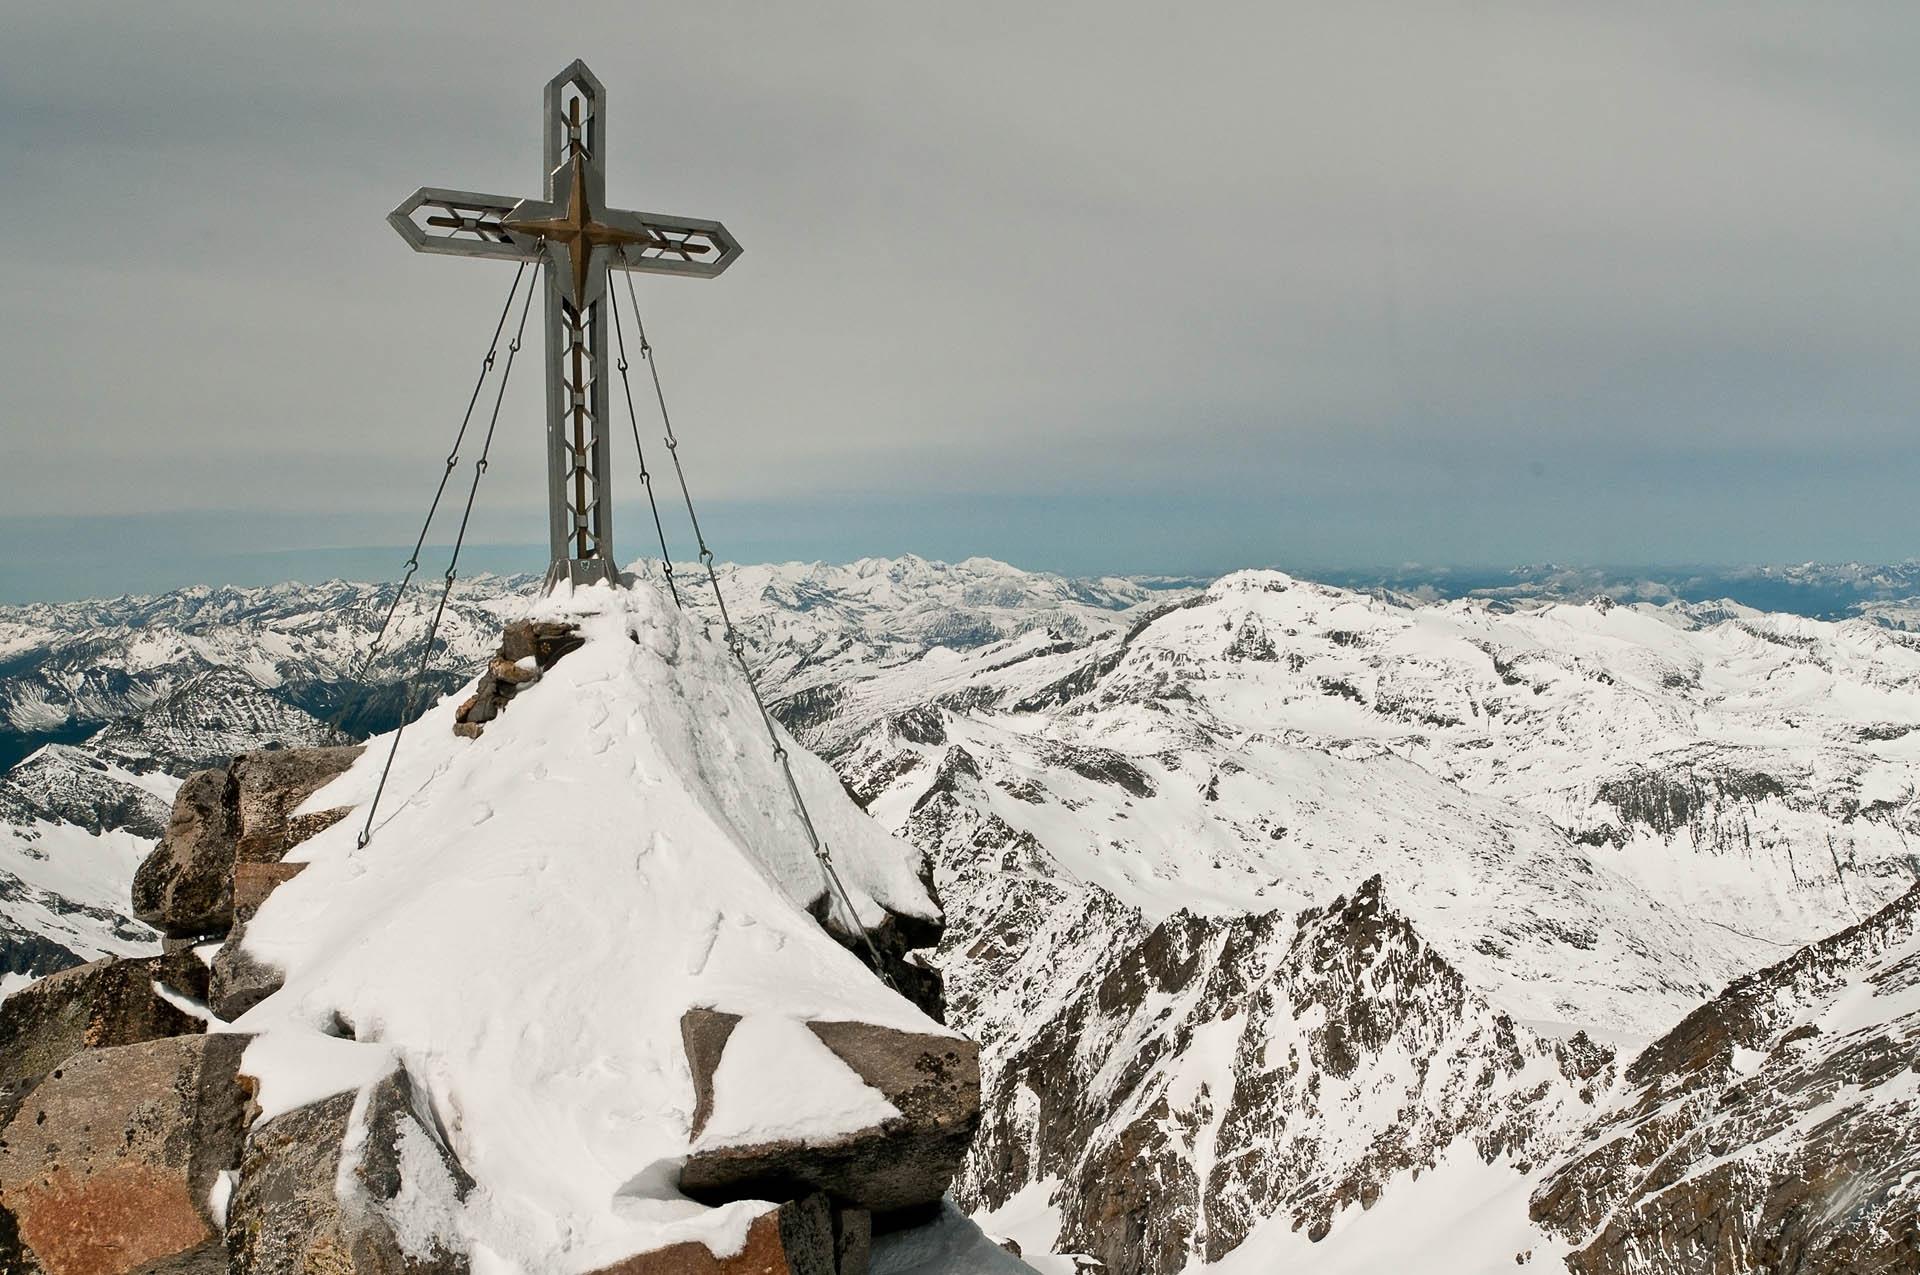 Vrchol! Kolik let nám to dalo spatřit zblízka ocelový kříž na vrcholu? V letních měsících by nás to jistě stálo výrazně méně sil